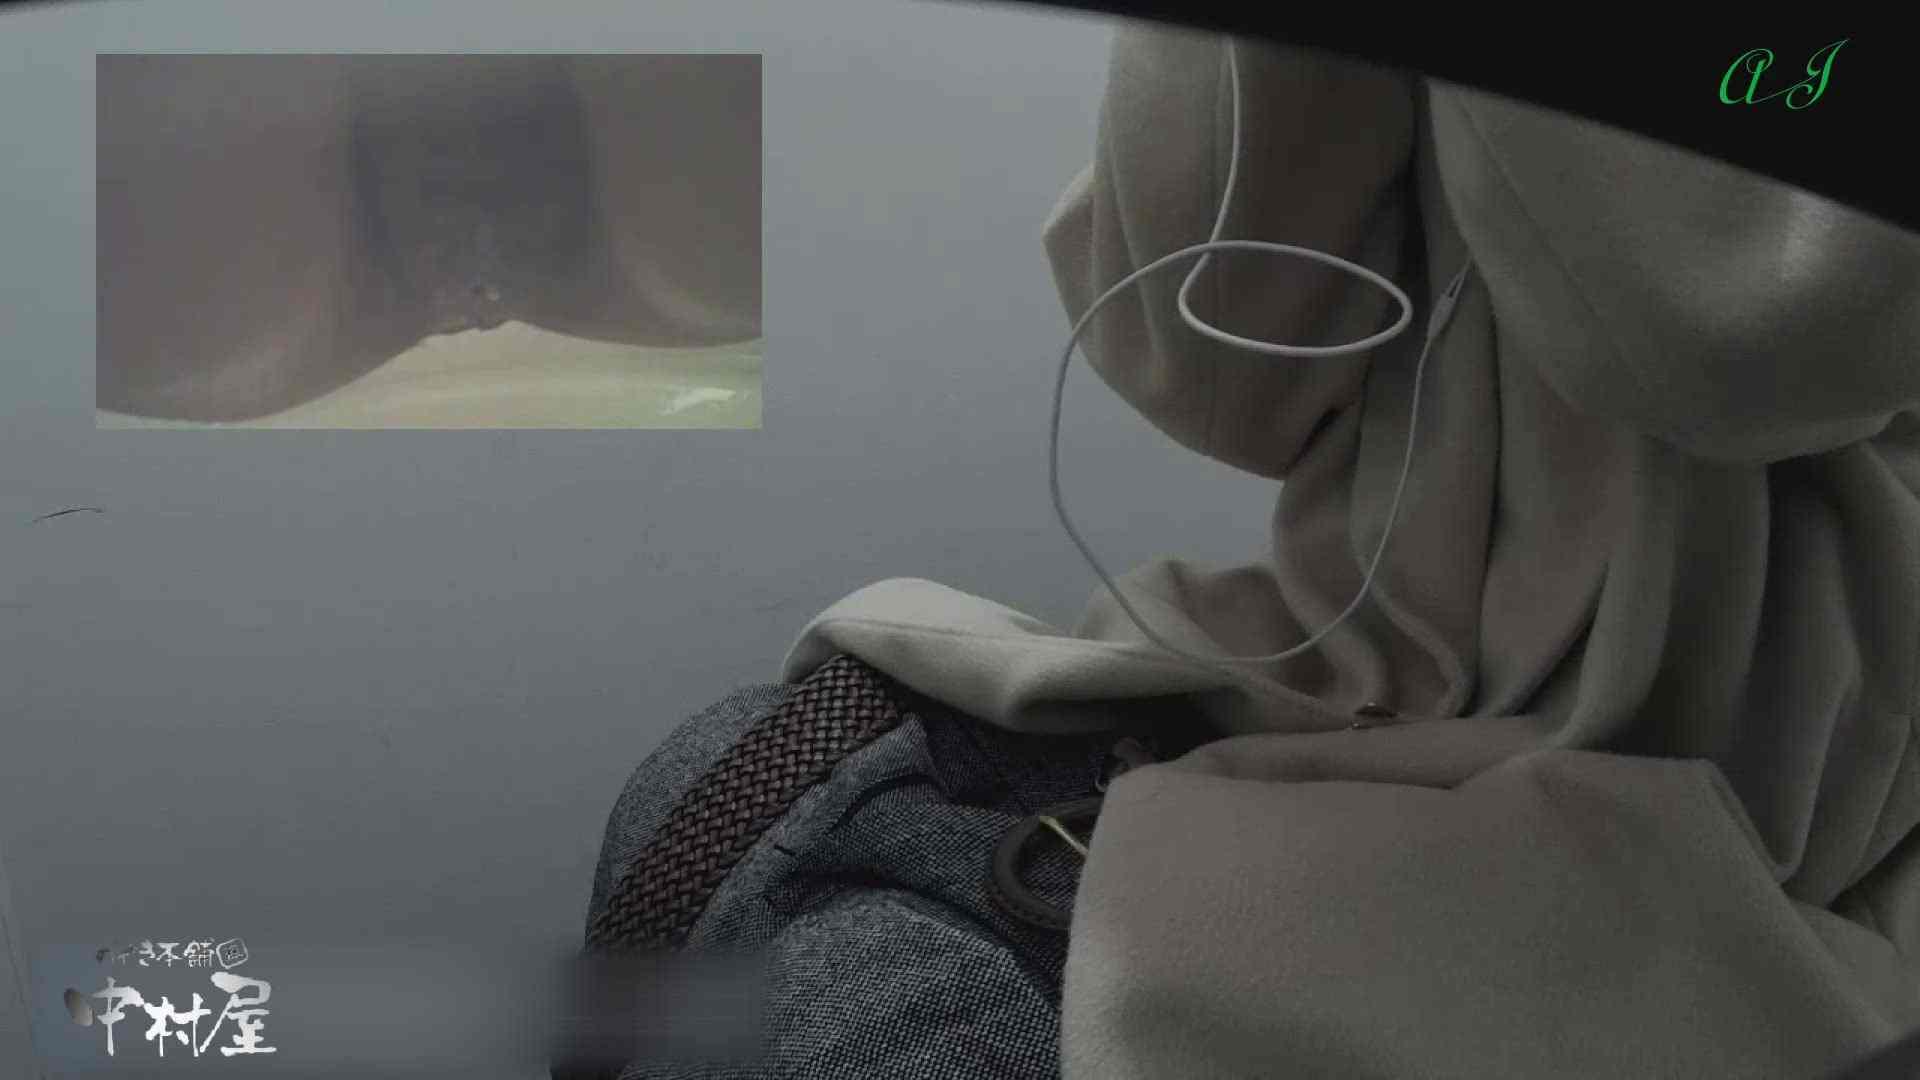 有名大学女性洗面所 vol.78 美女勢揃い 前編 人気シリーズ すけべAV動画紹介 105PIX 69